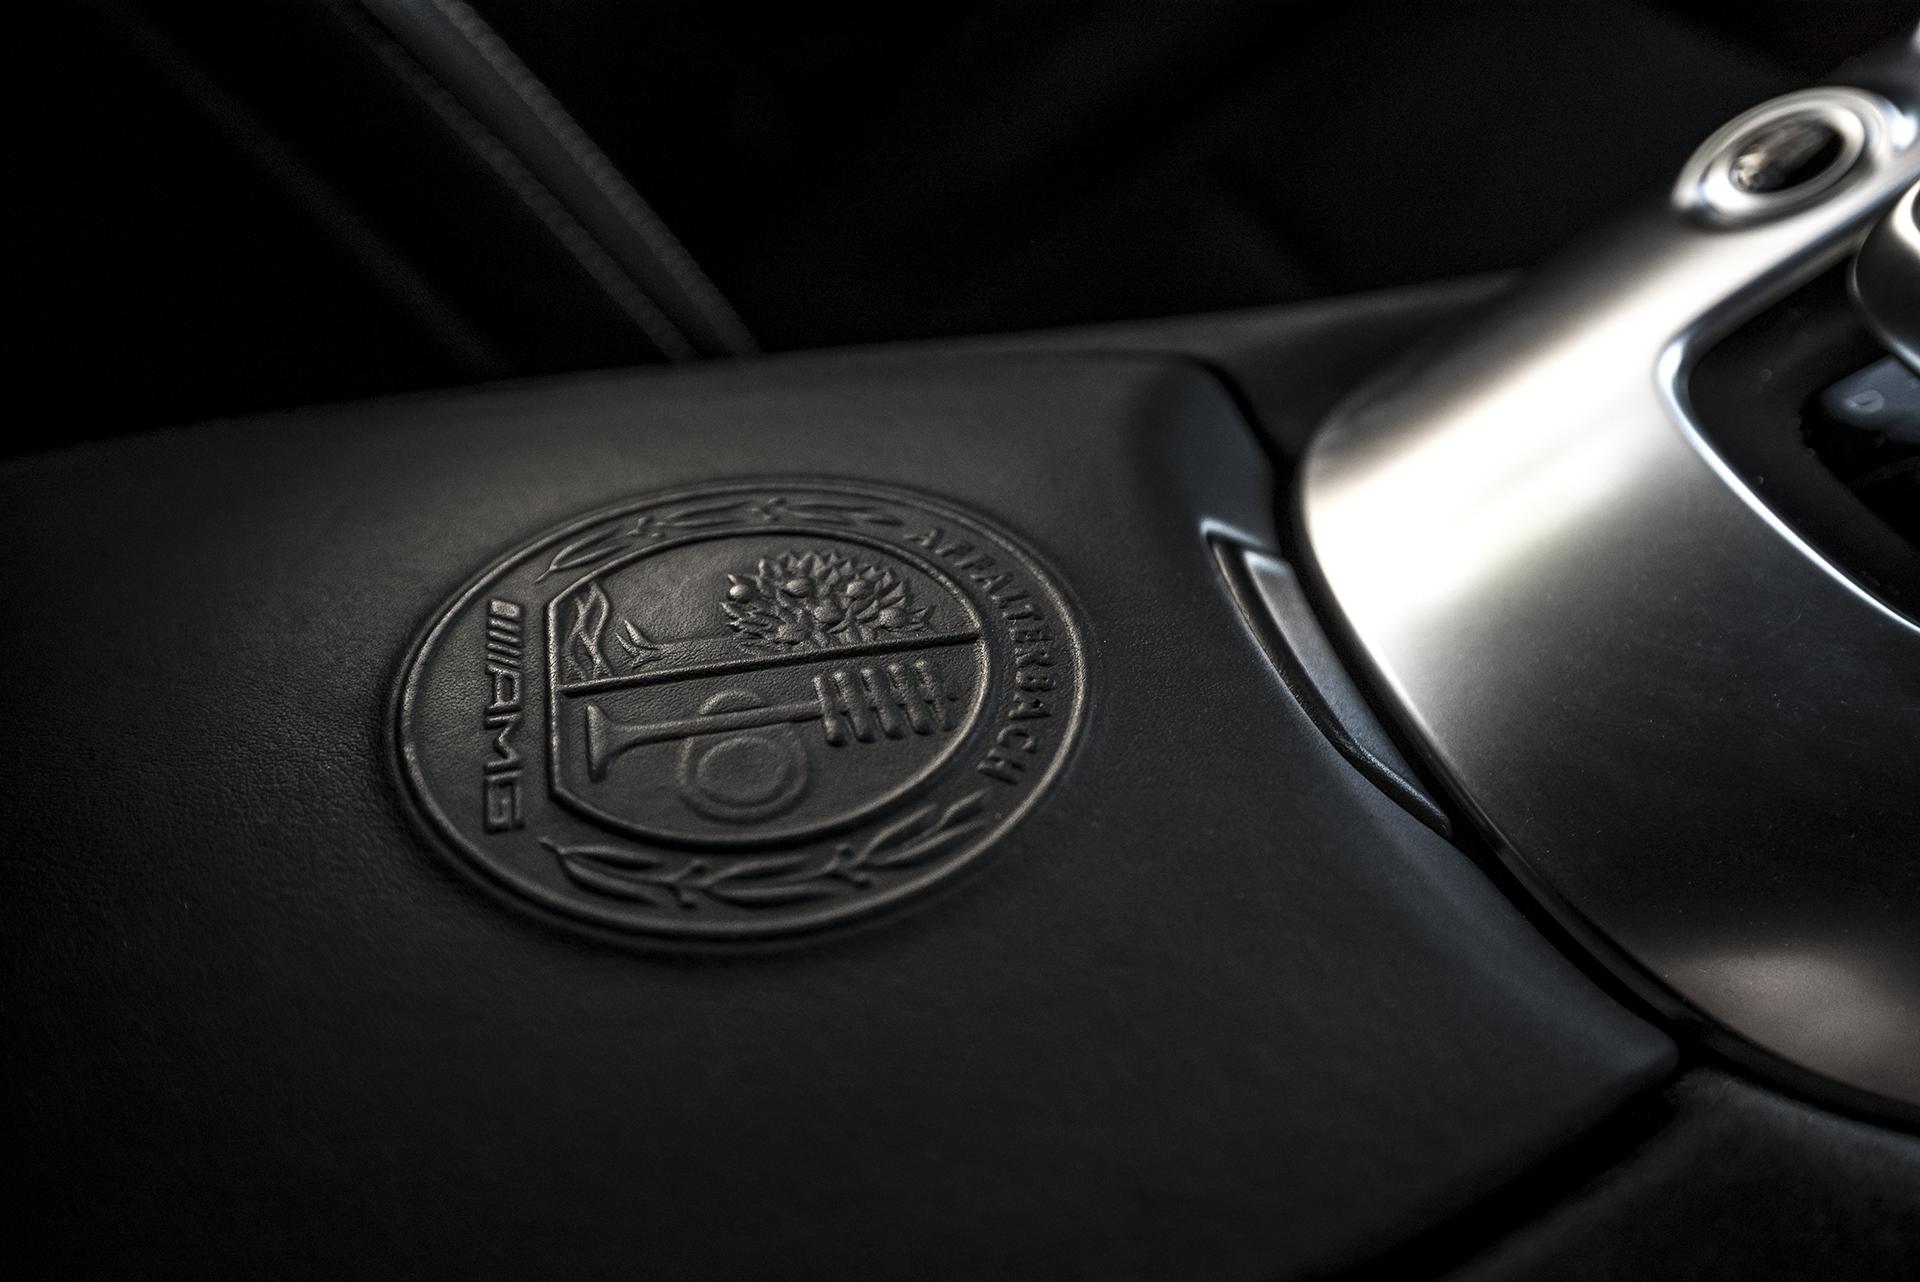 B+K_Sportwagen_Rheinland_GmbH_Mercedes_Benz_AMG_GTS_Silber_41